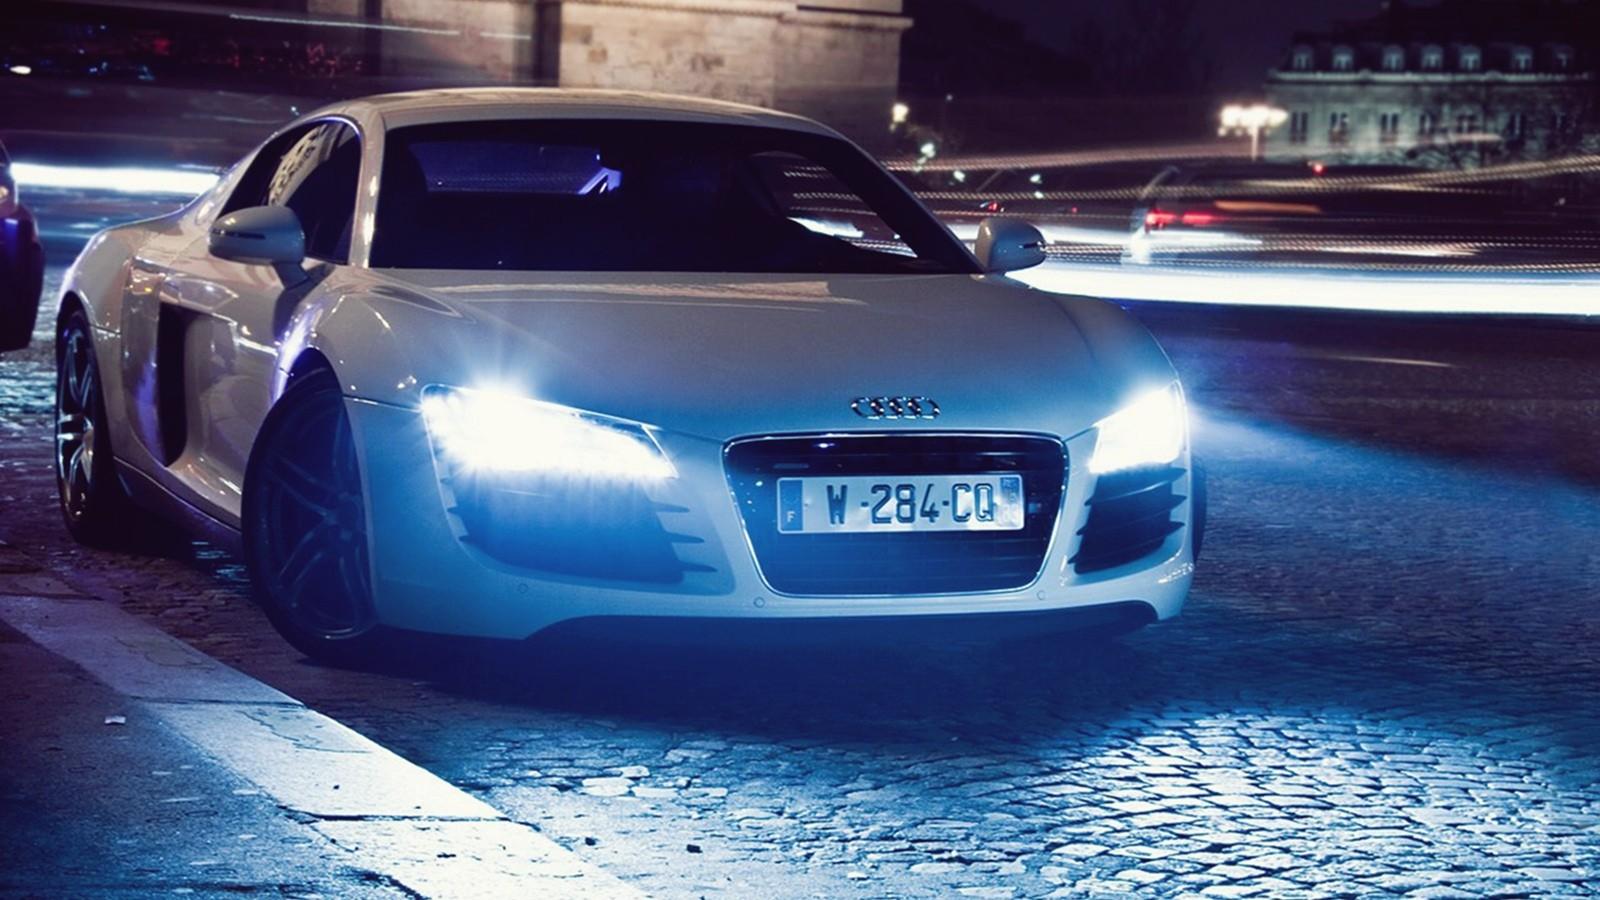 cars headlights at night wallpaper - photo #31